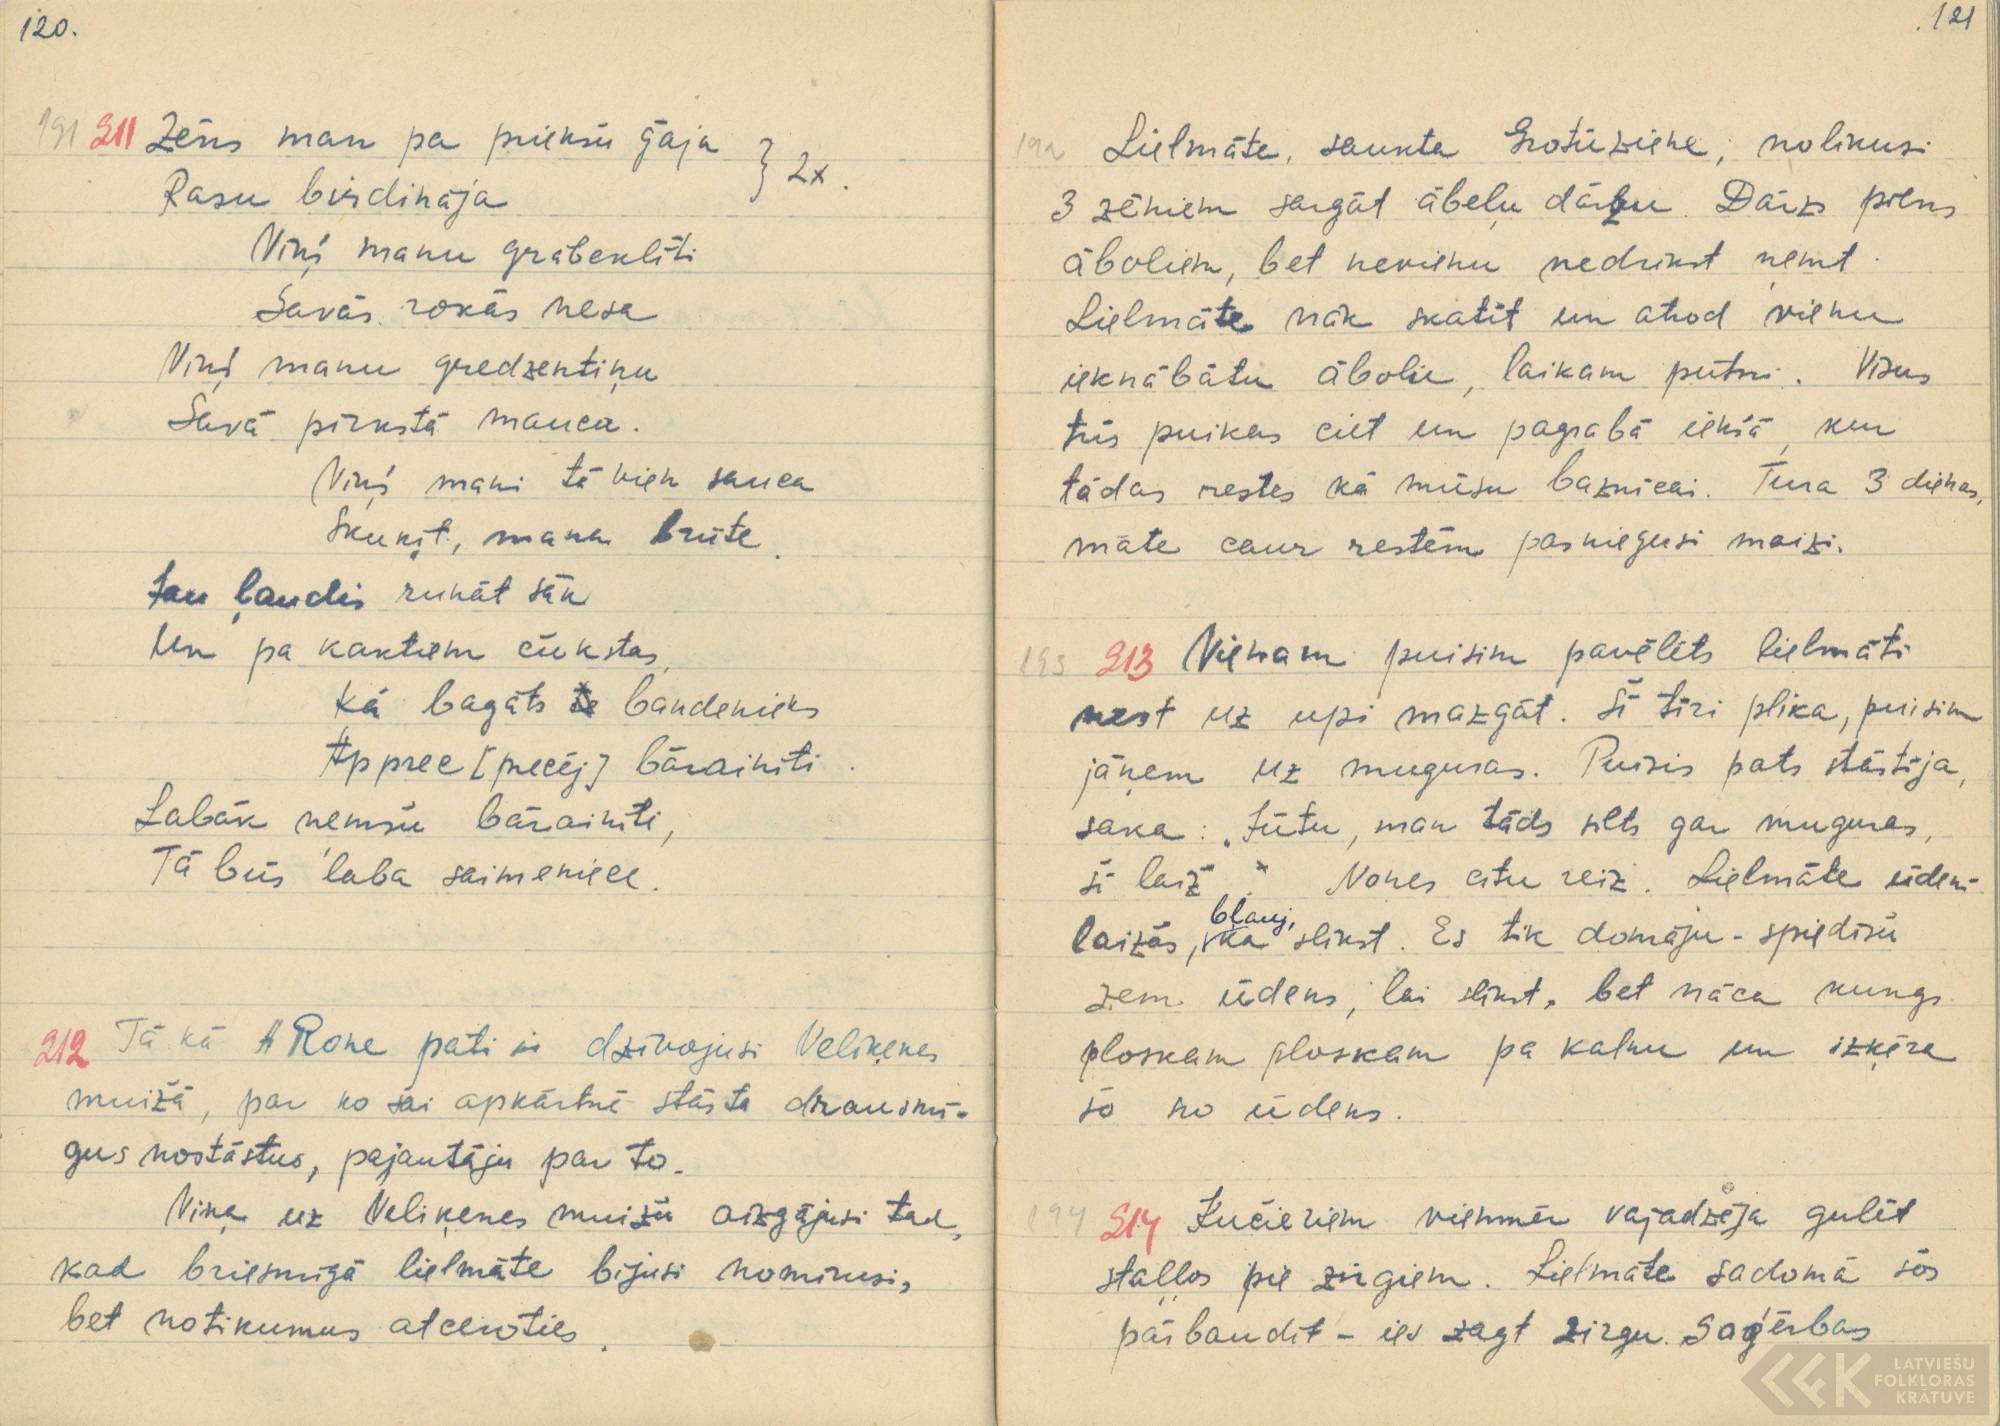 1880-zinatniska-ekspedicija-Bauska-01-0065